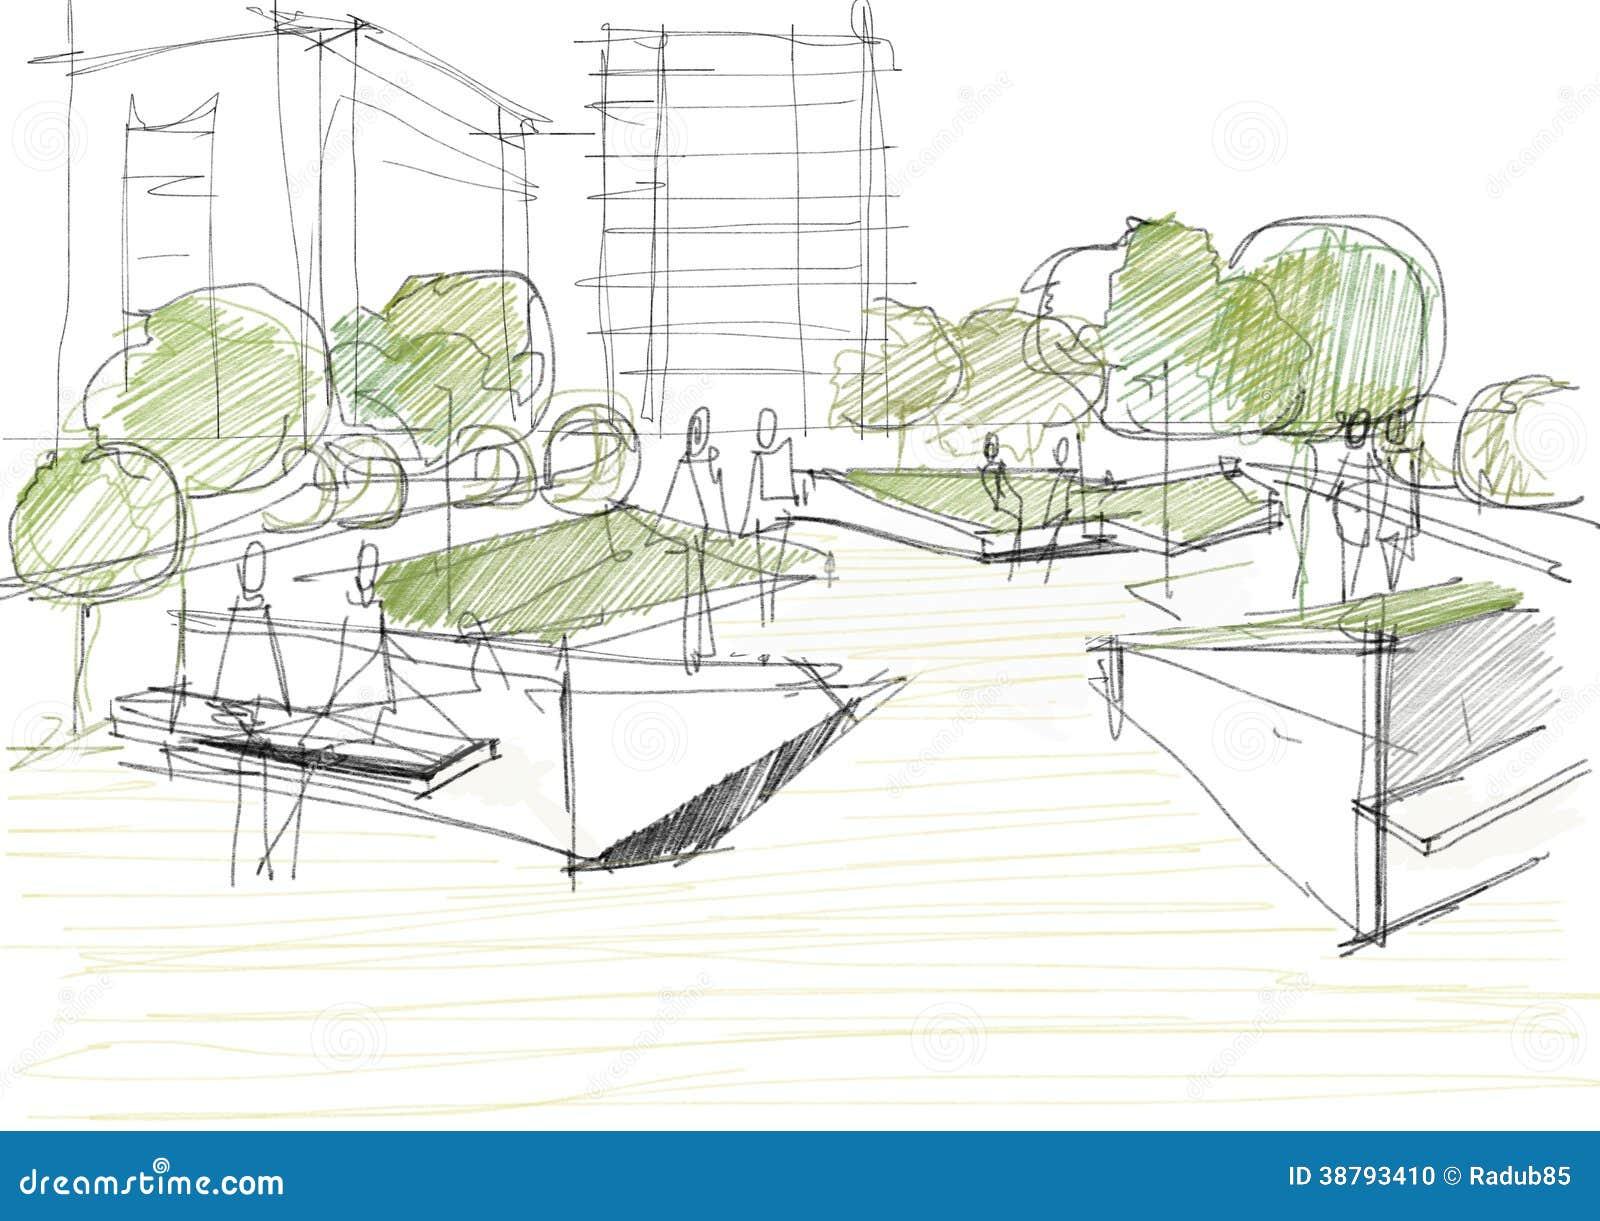 Esboço arquitetónico do parque público